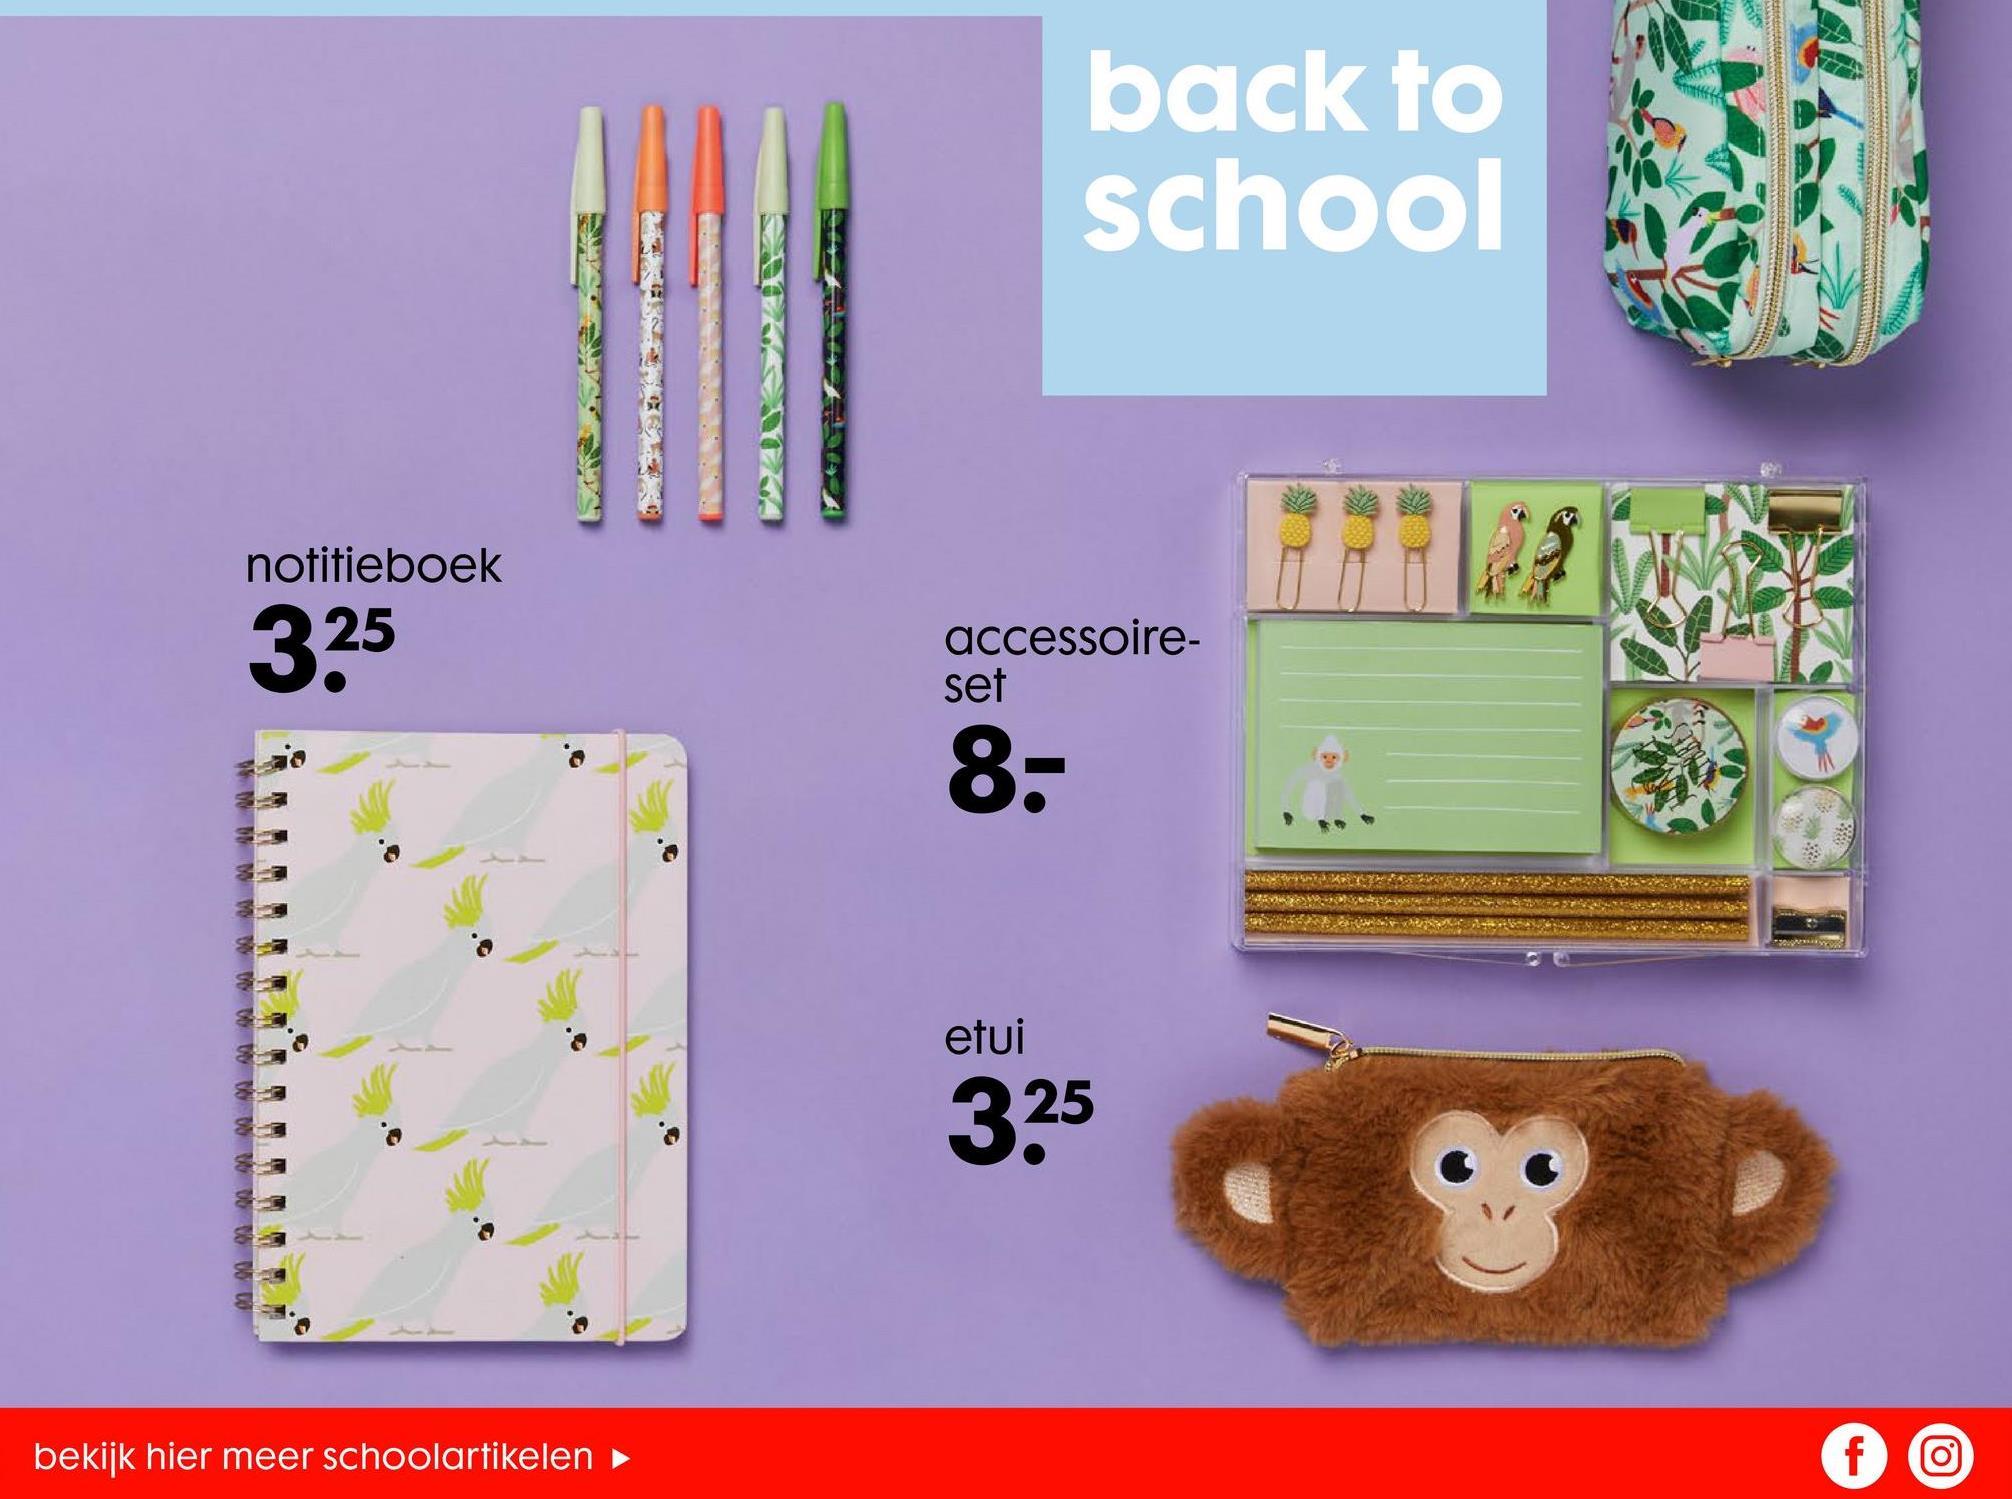 back to school notitieboek 325 accessoire set 8: 带 WM WWW etui cu 325 bekijk hier meer schoolartikelen f ro